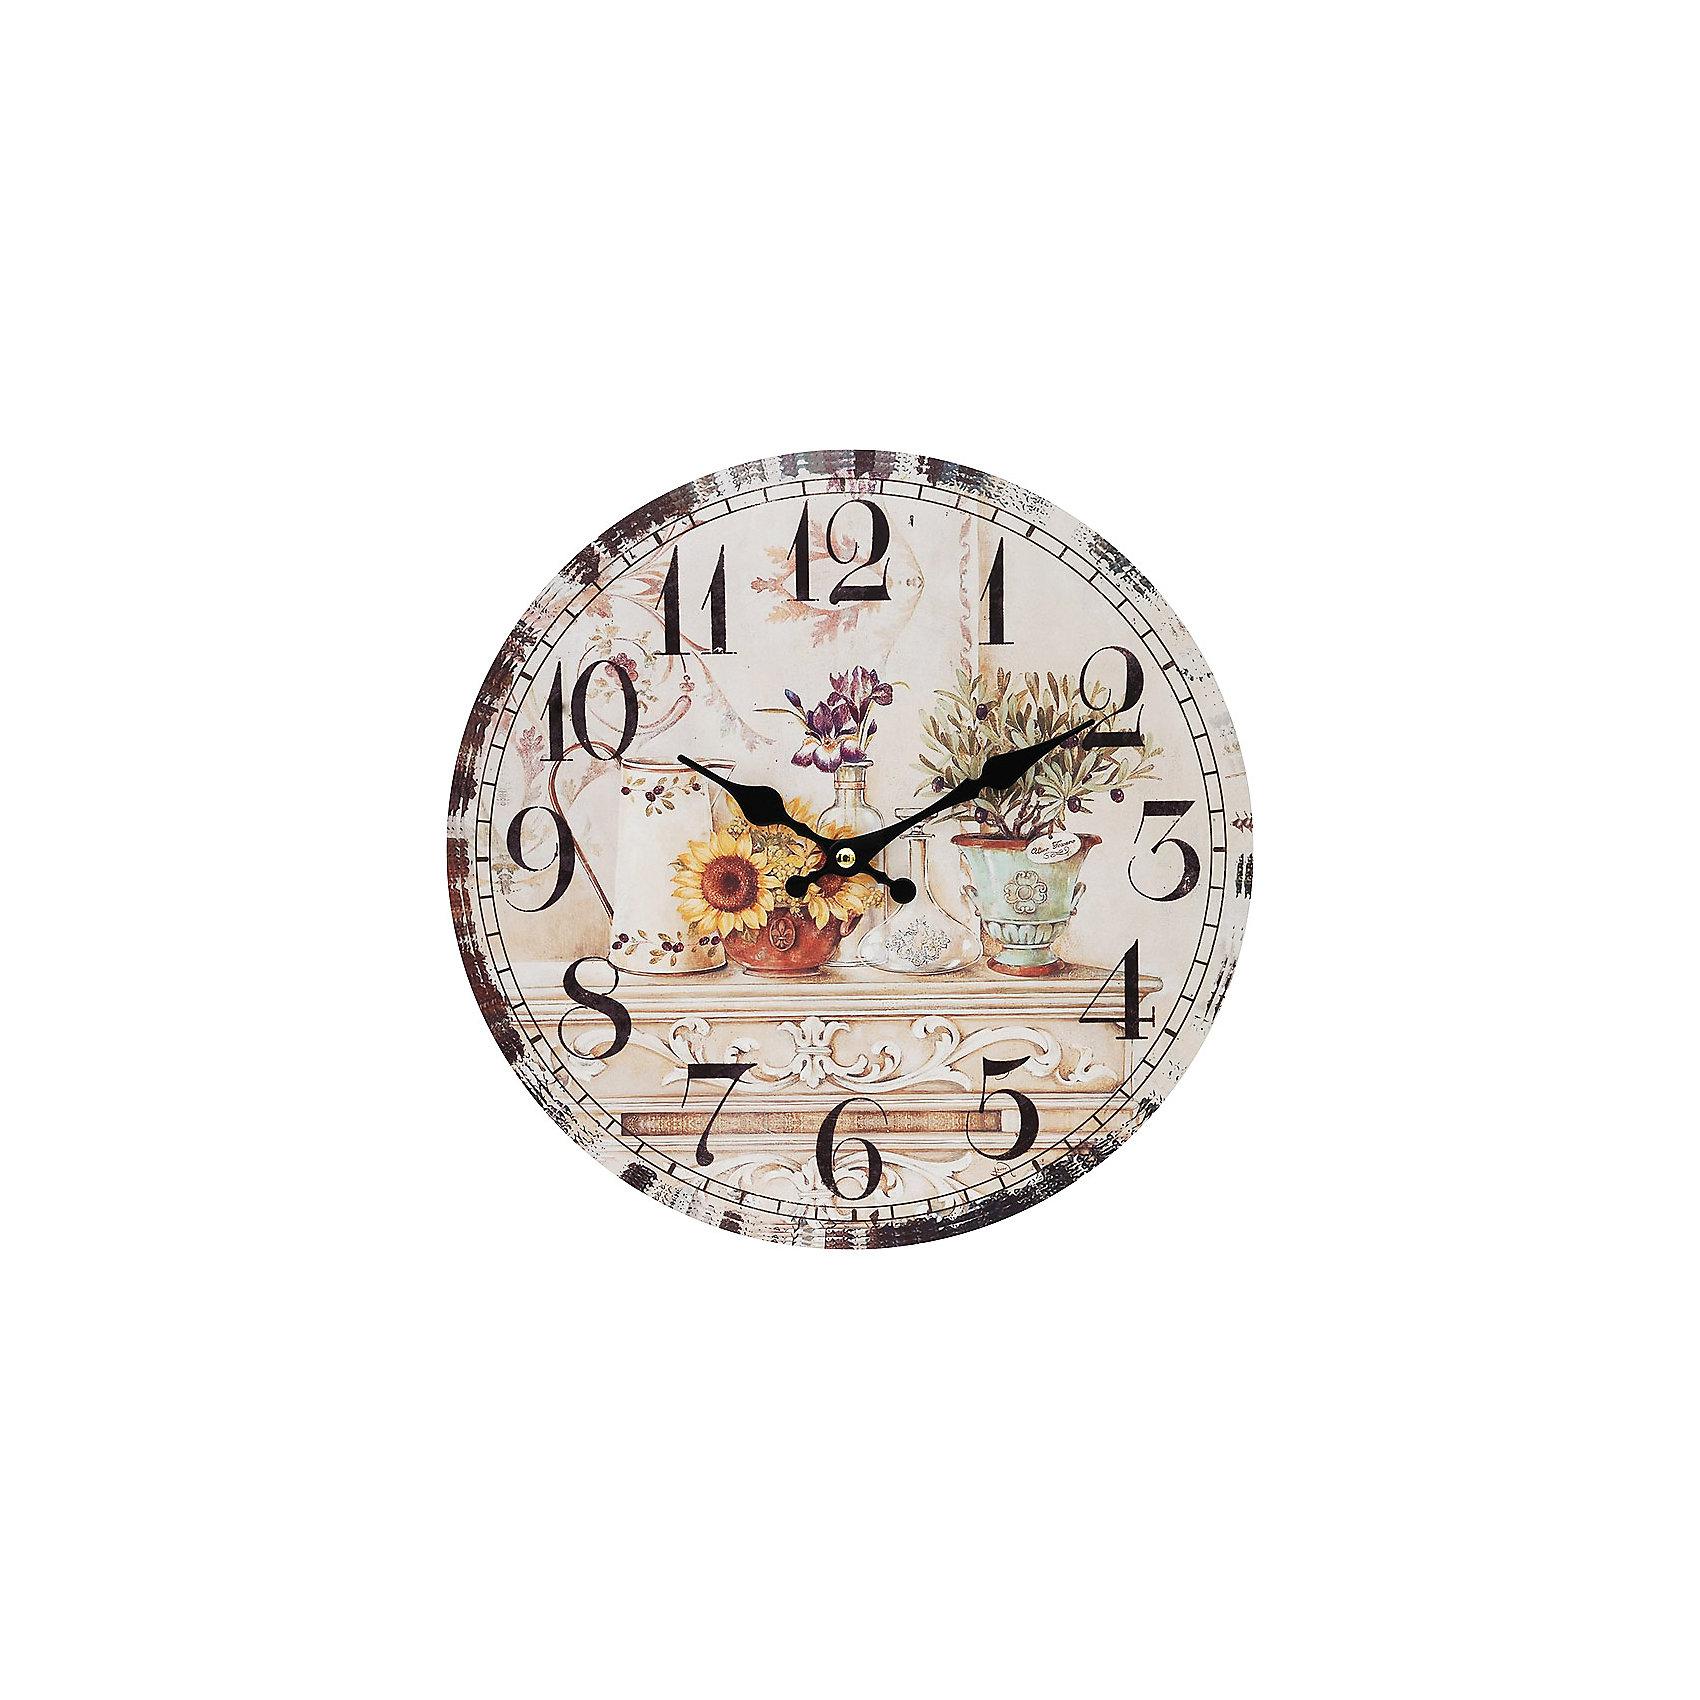 Часы настенные Цветы и олива, диаметр 34 смПредметы интерьера<br>Часы настенные Цветы и олива, диаметр 34 см.<br><br>Характеристики:<br><br>- Диаметр: 34 см.<br>- Две стрелки часовая и минутная<br>- Батарейка: 1 типа АА (в комплект не входит)<br>- Цвет: бледно-розовый, кремовый, серо-зеленый<br>- Упаковка картонная коробка<br><br>Кварцевые настенные часы с механизмом плавного хода помимо своего прямого назначения – показывать точное время – станут важным элементом декора Вашего дома, квартиры или офиса. Открытый циферблат часов выполнен из листа оргалита с декоративным покрытием. Часовая и минутная стрелки металлические. Часовой механизм закрыт пластиковым корпусом. Часы будут стильным акцентом в интерьере и создадут дополнительный уют и хорошее настроение.<br><br>Часы настенные Цветы и олива, диаметр 34 см можно купить в нашем интернет-магазине.<br><br>Ширина мм: 345<br>Глубина мм: 340<br>Высота мм: 45<br>Вес г: 2500<br>Возраст от месяцев: 72<br>Возраст до месяцев: 144<br>Пол: Унисекс<br>Возраст: Детский<br>SKU: 5089828